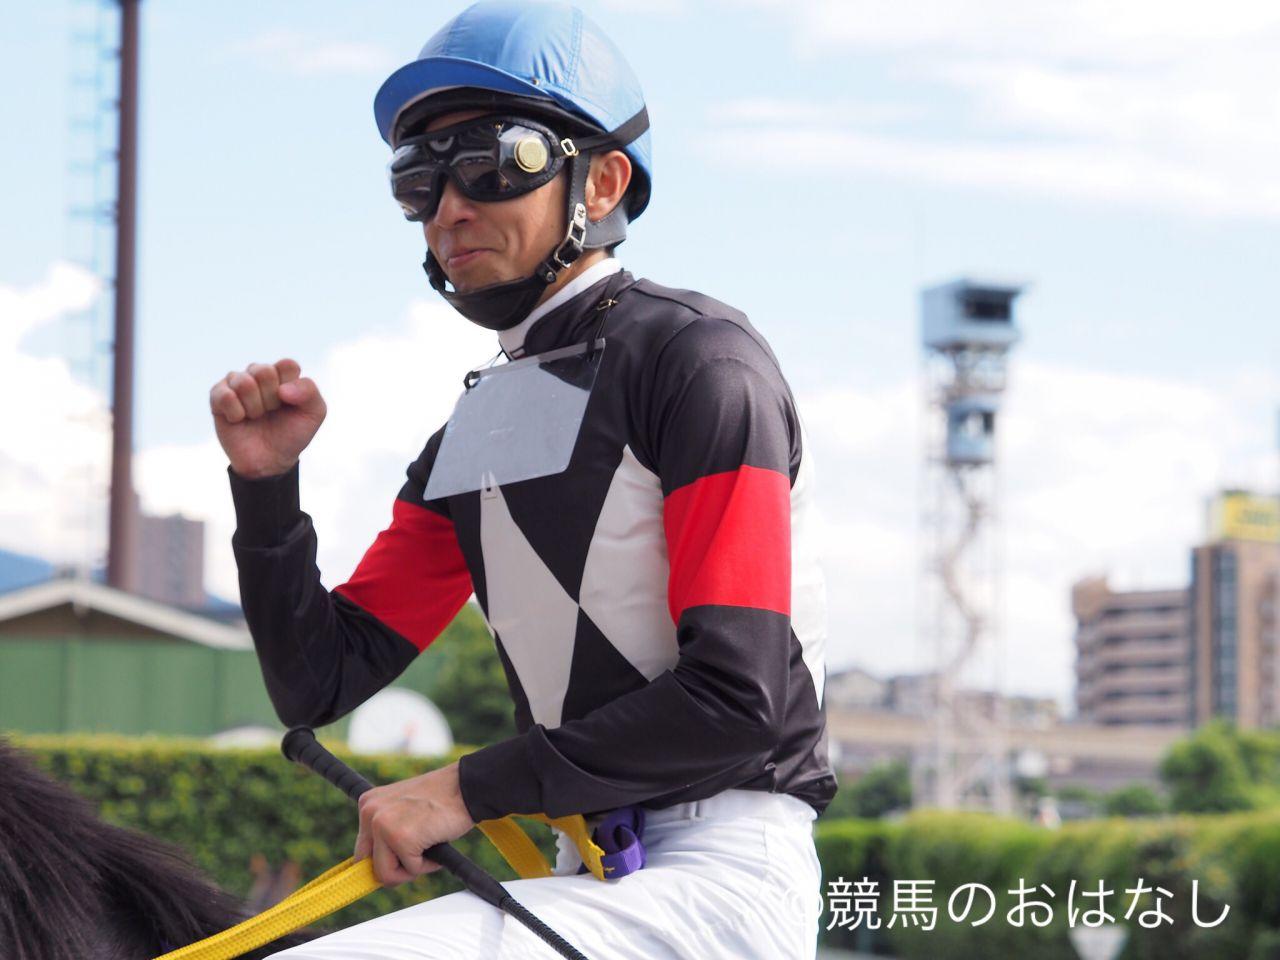 武豊 前人未到のJRA4000勝へ向けて今週は16鞍